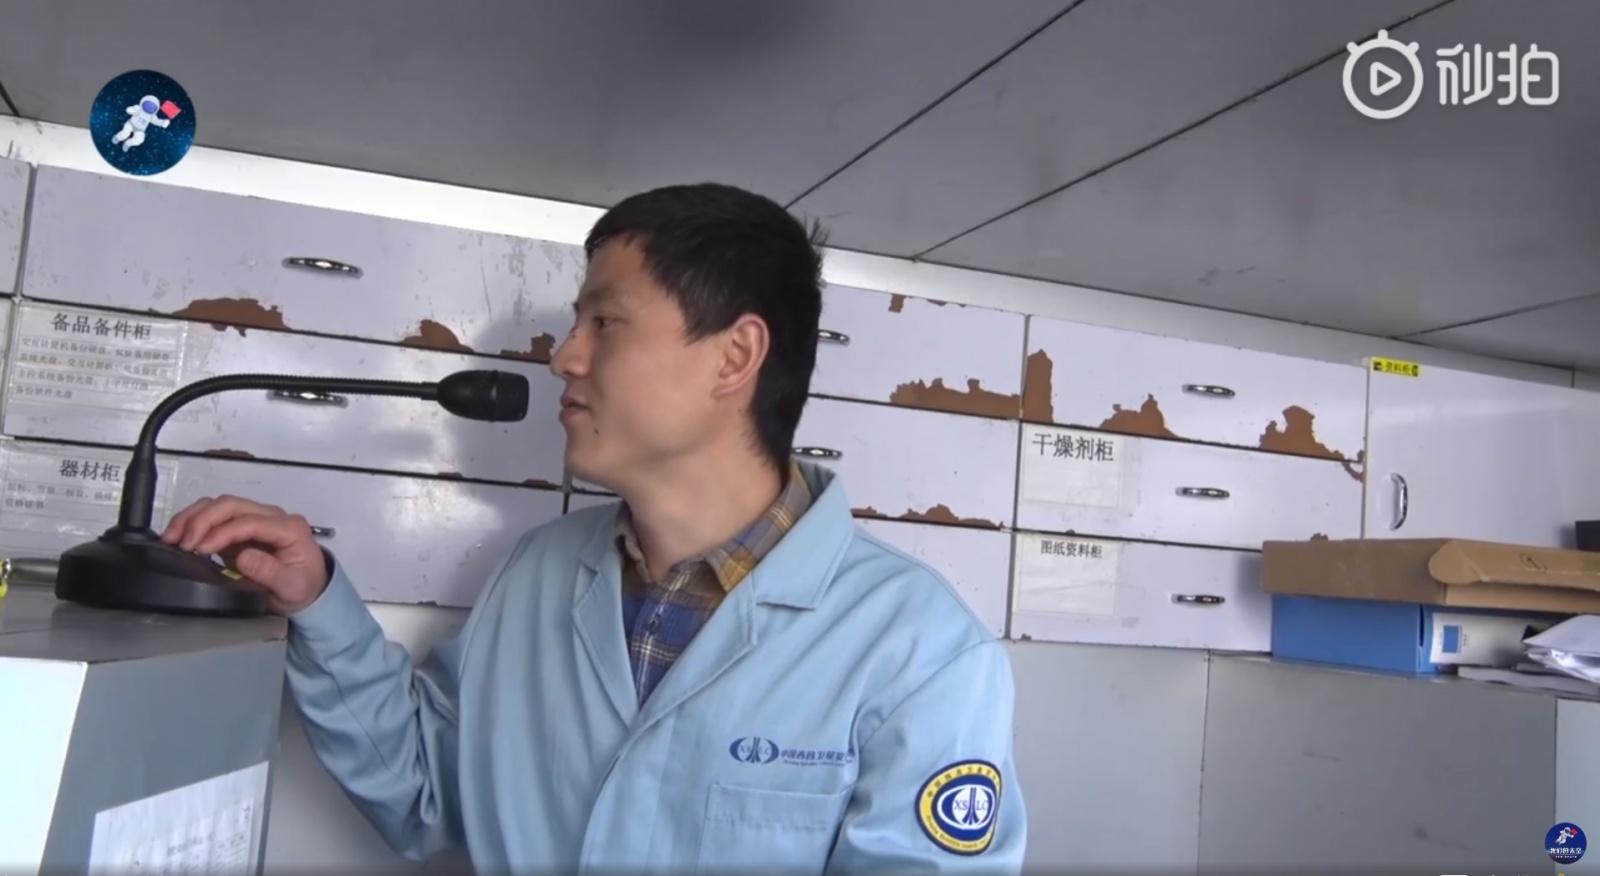 Суровая рабочая реальность — Китайский космодром Сичан (Xichang Satellite Launch Center — XSLC) - 58